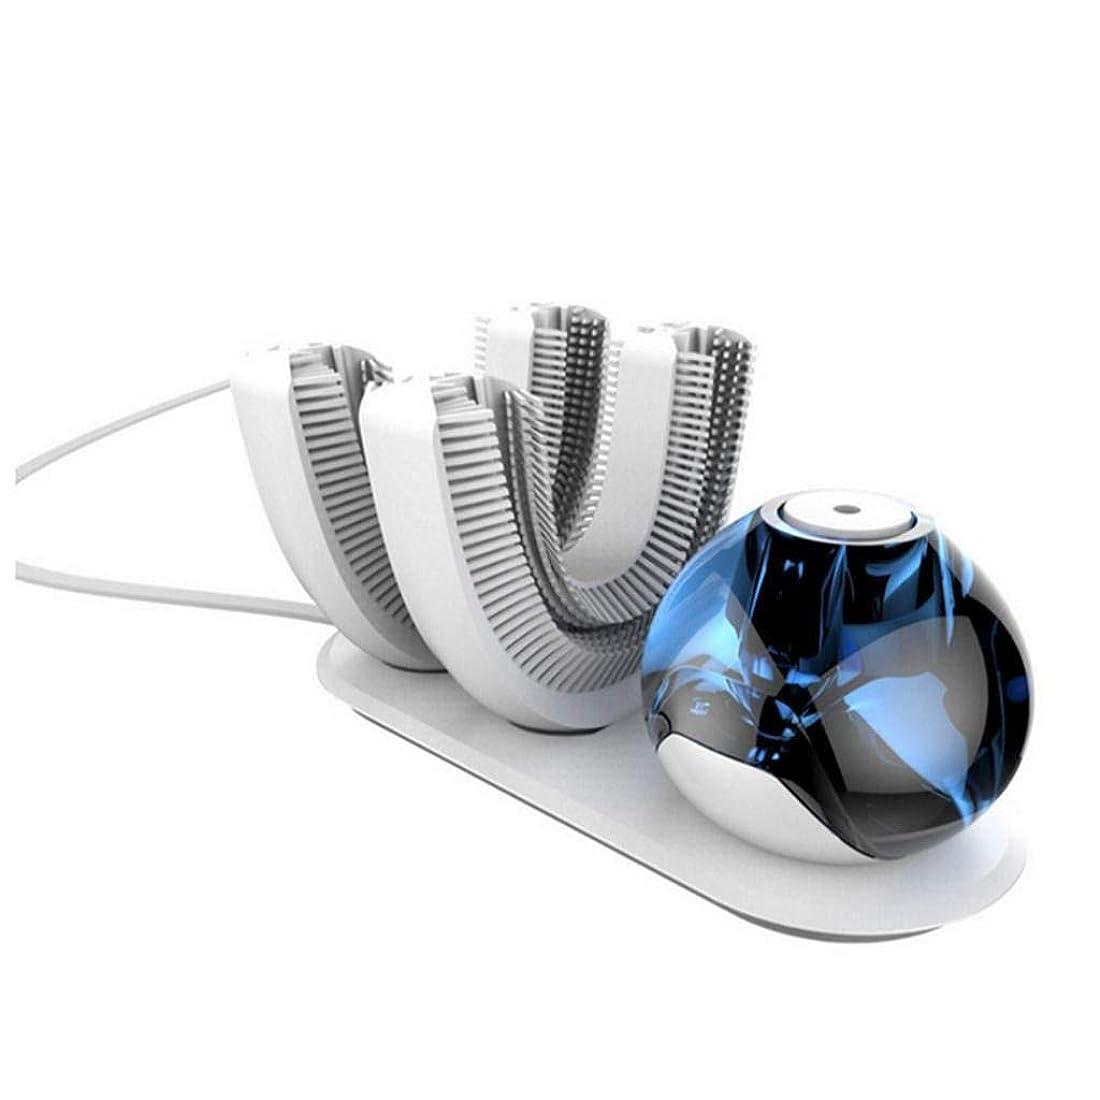 ビート欠点名詞HETAO クリエイティブ自動歯ブラシ、怠惰な、自動歯ブラシ電動歯ブラシワイヤレス充電式360°、歯ブラシヘッドのうちの2つは、白歯ブラシの歯に設計されています 白